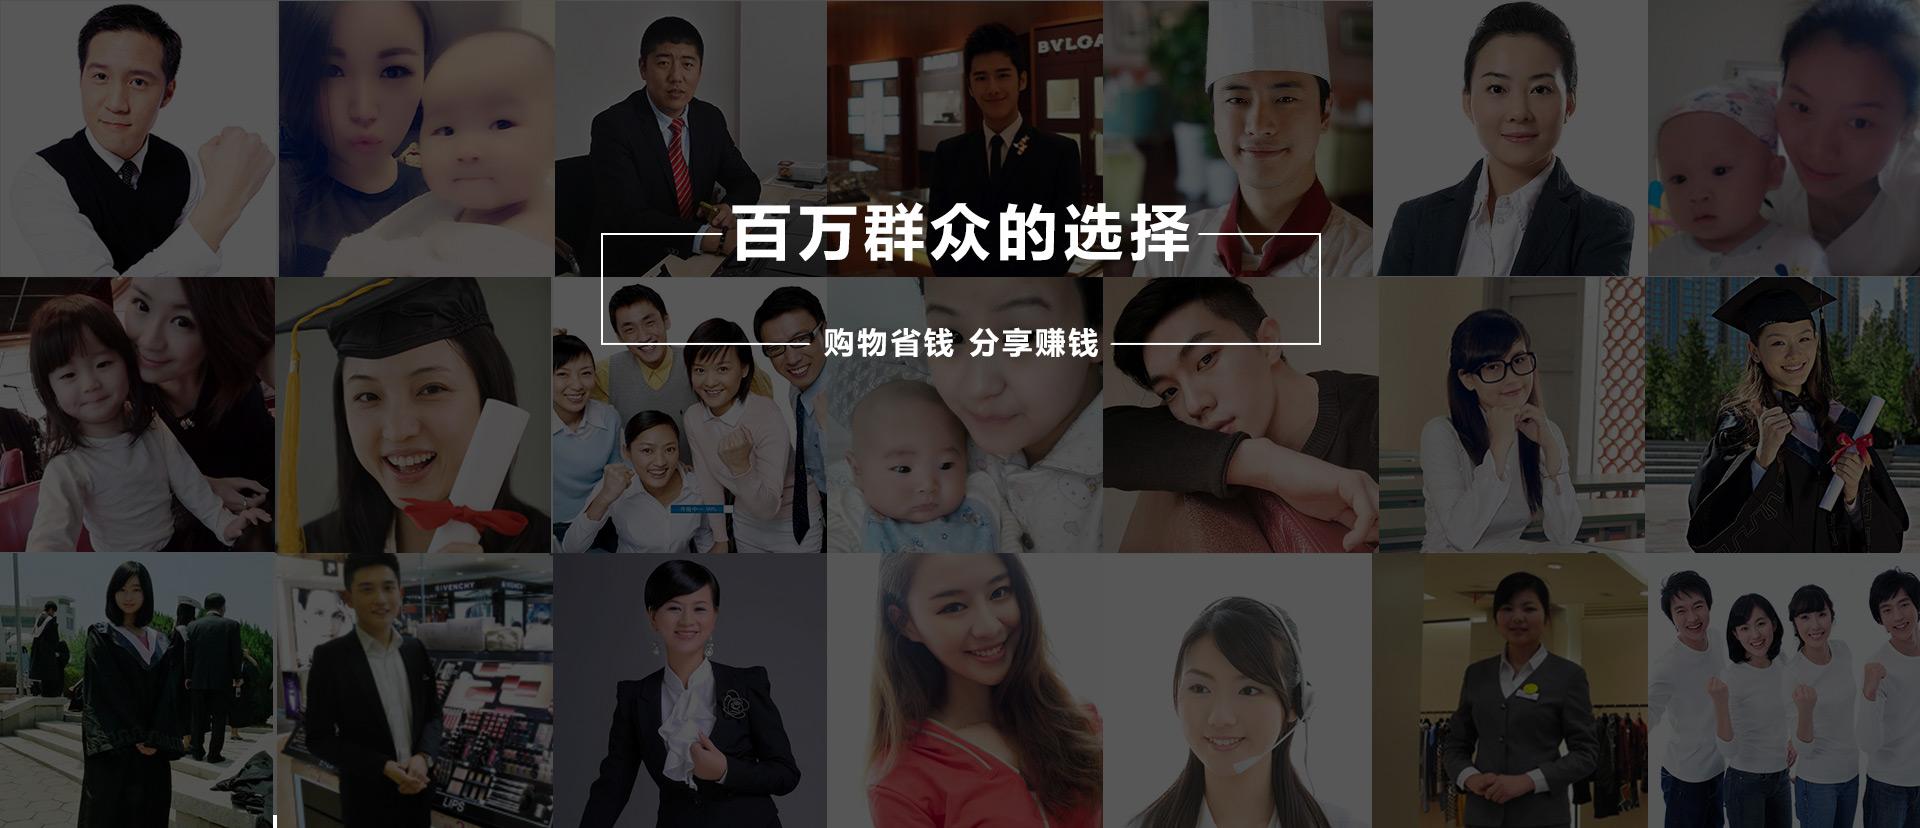 淘宝联盟623新政直播答疑集锦-美逛独家